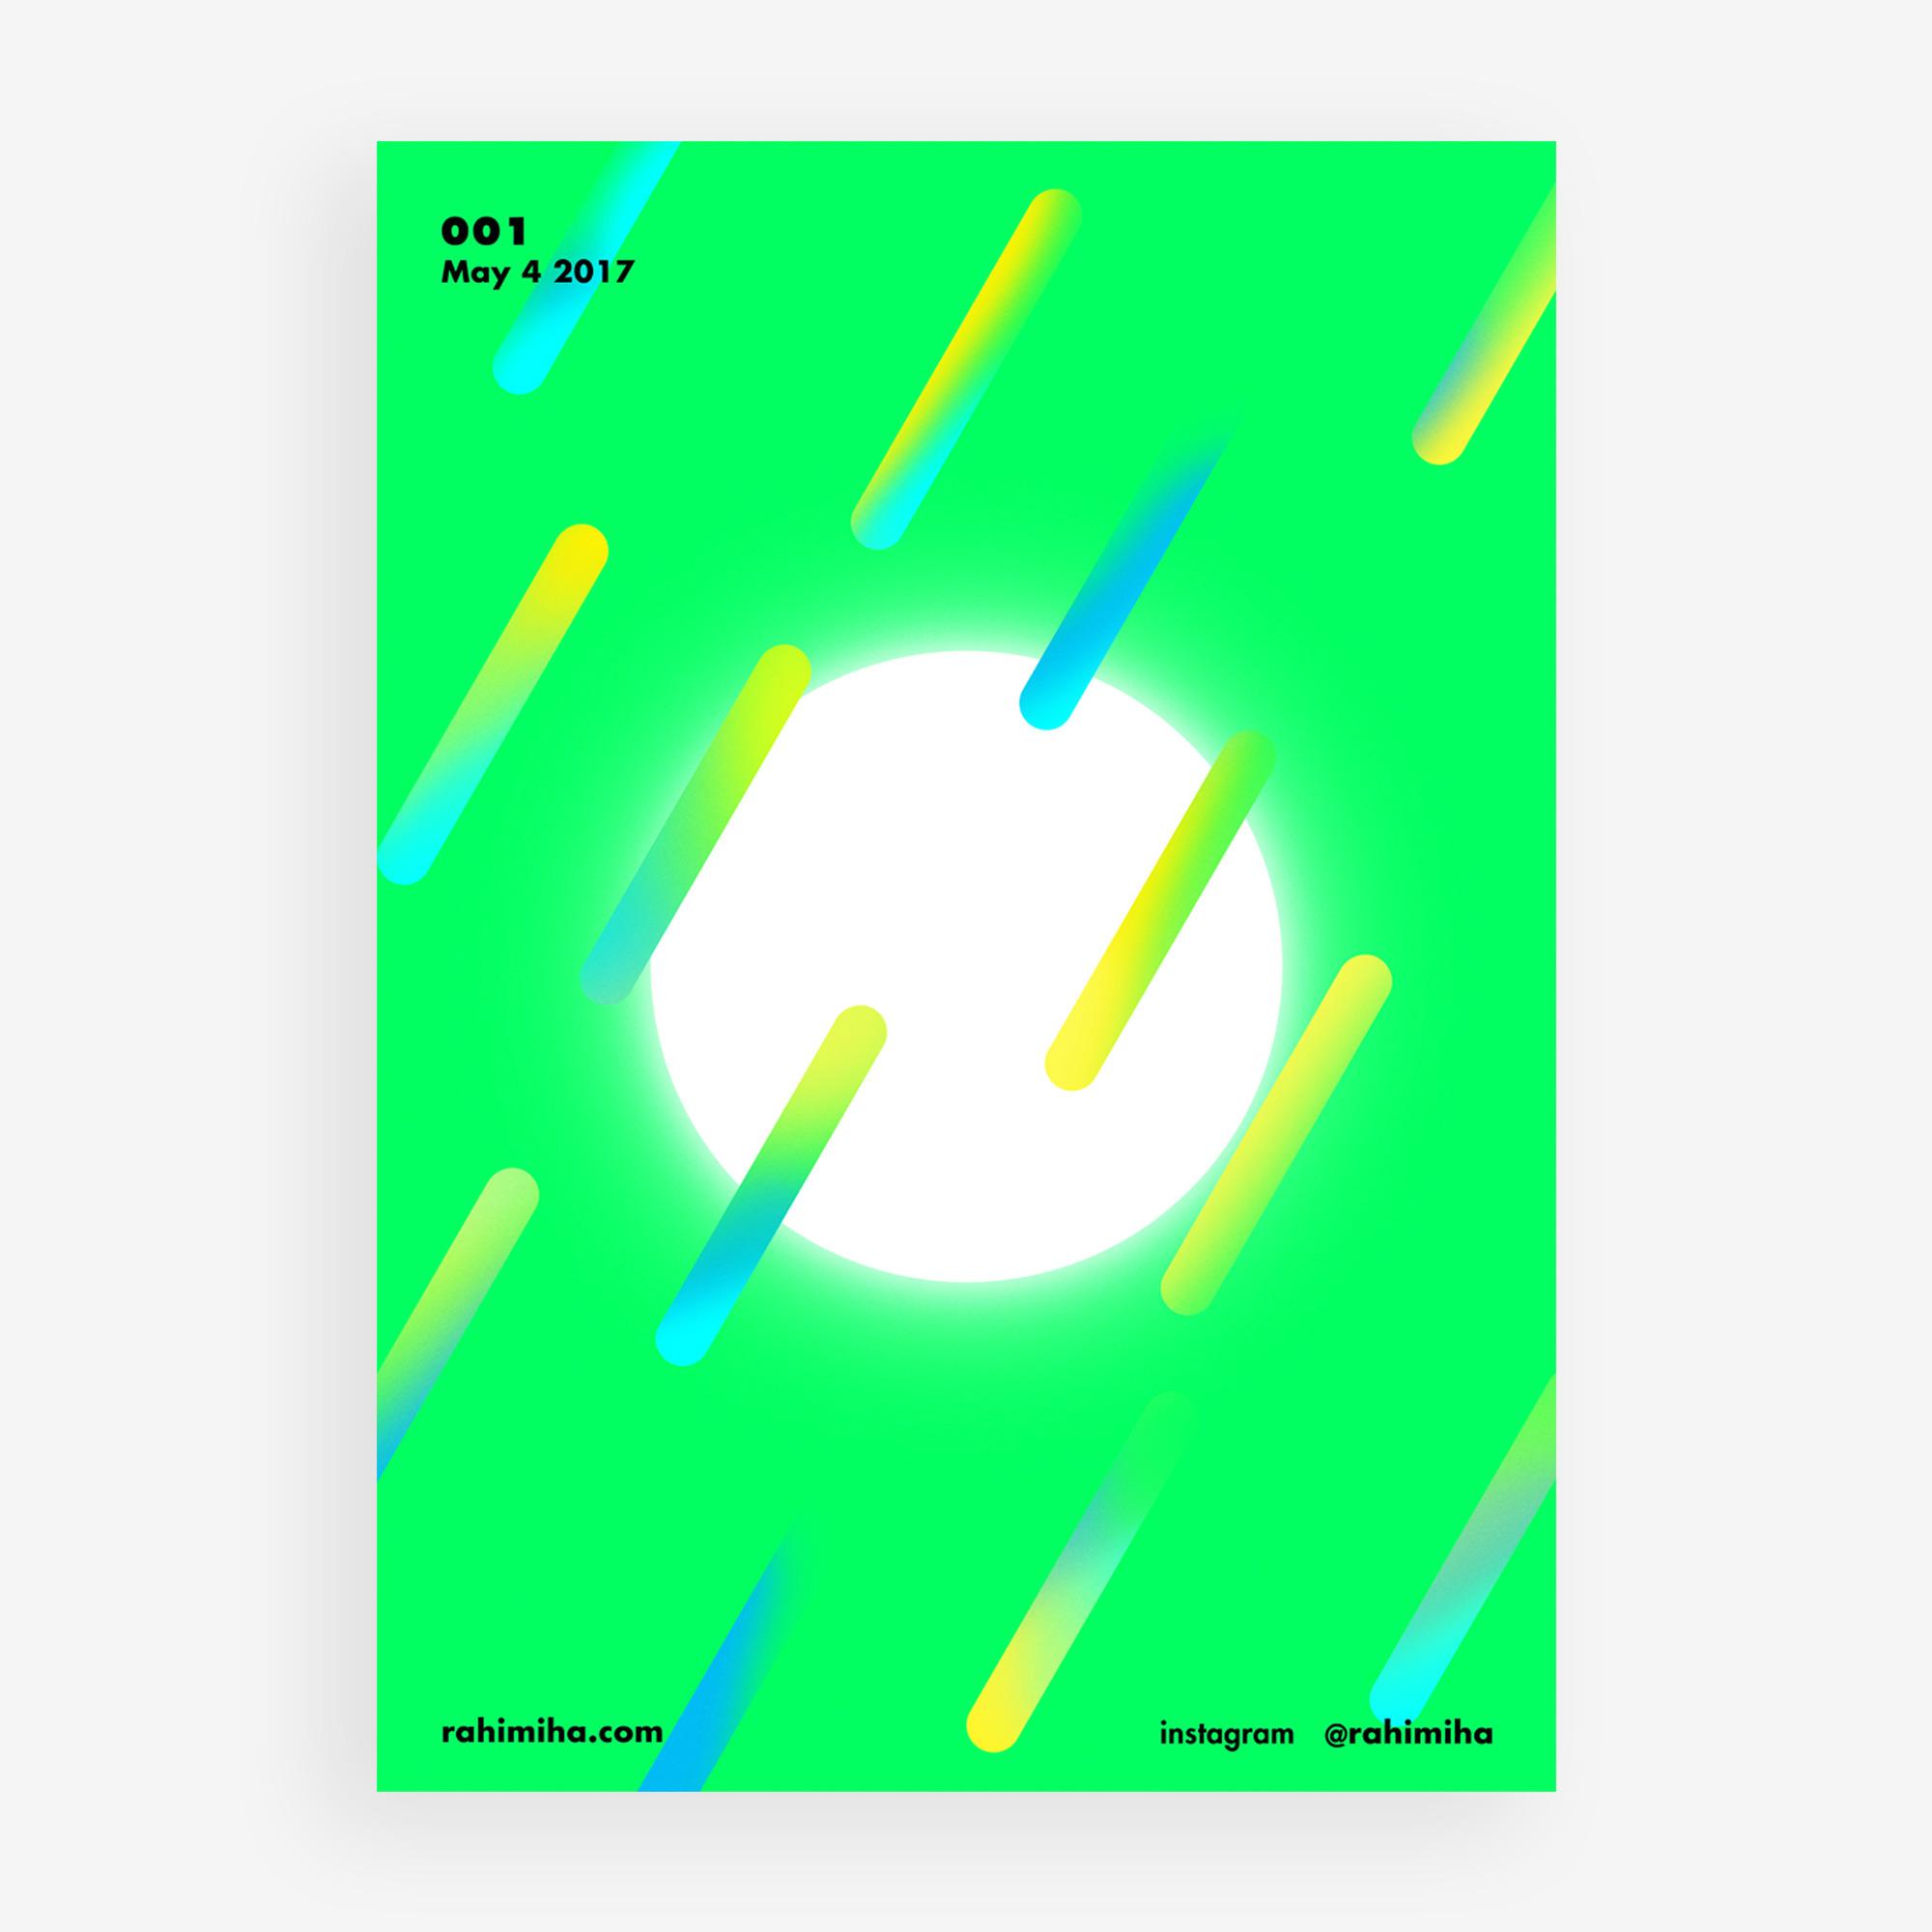 Day 001 Nima Rahimiha poster da - rahimiha | ello